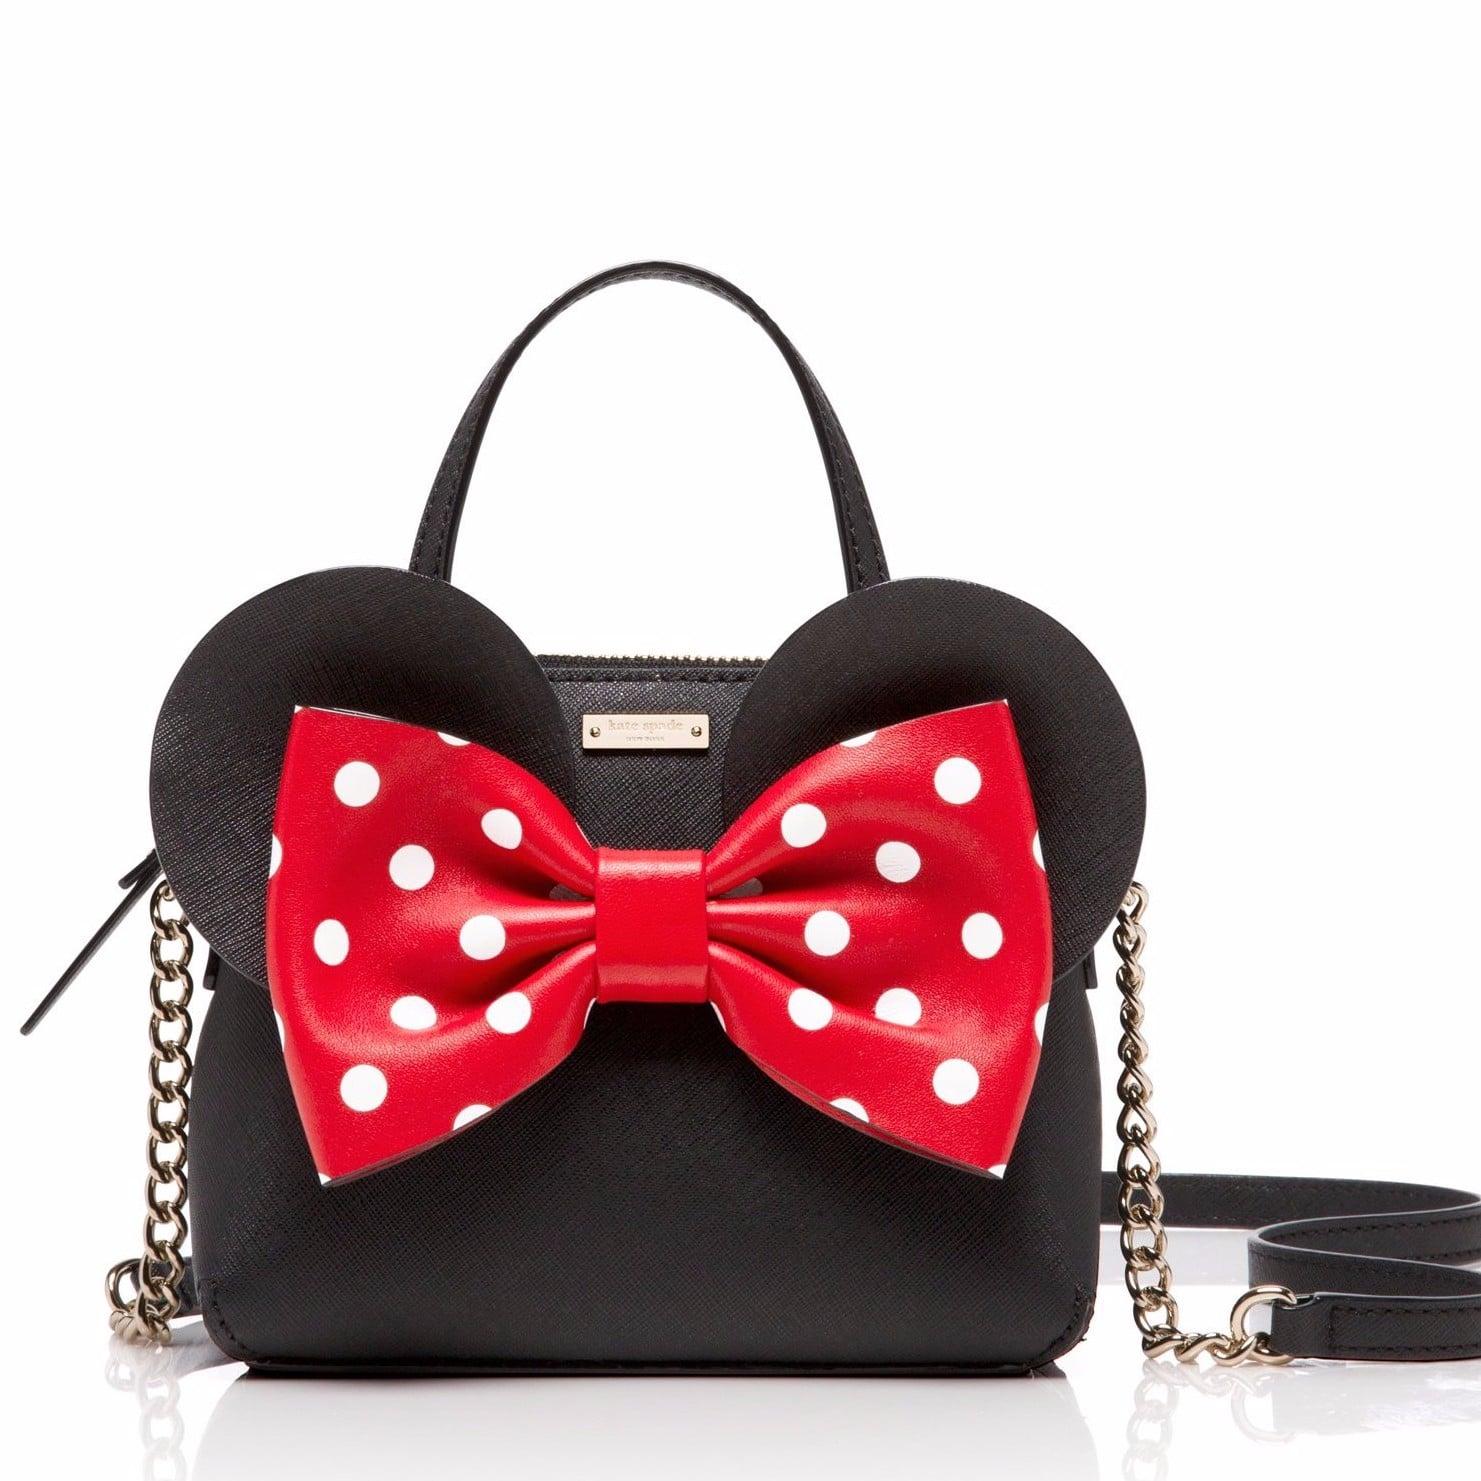 Kate Spade Minnie Mouse Maise Bag